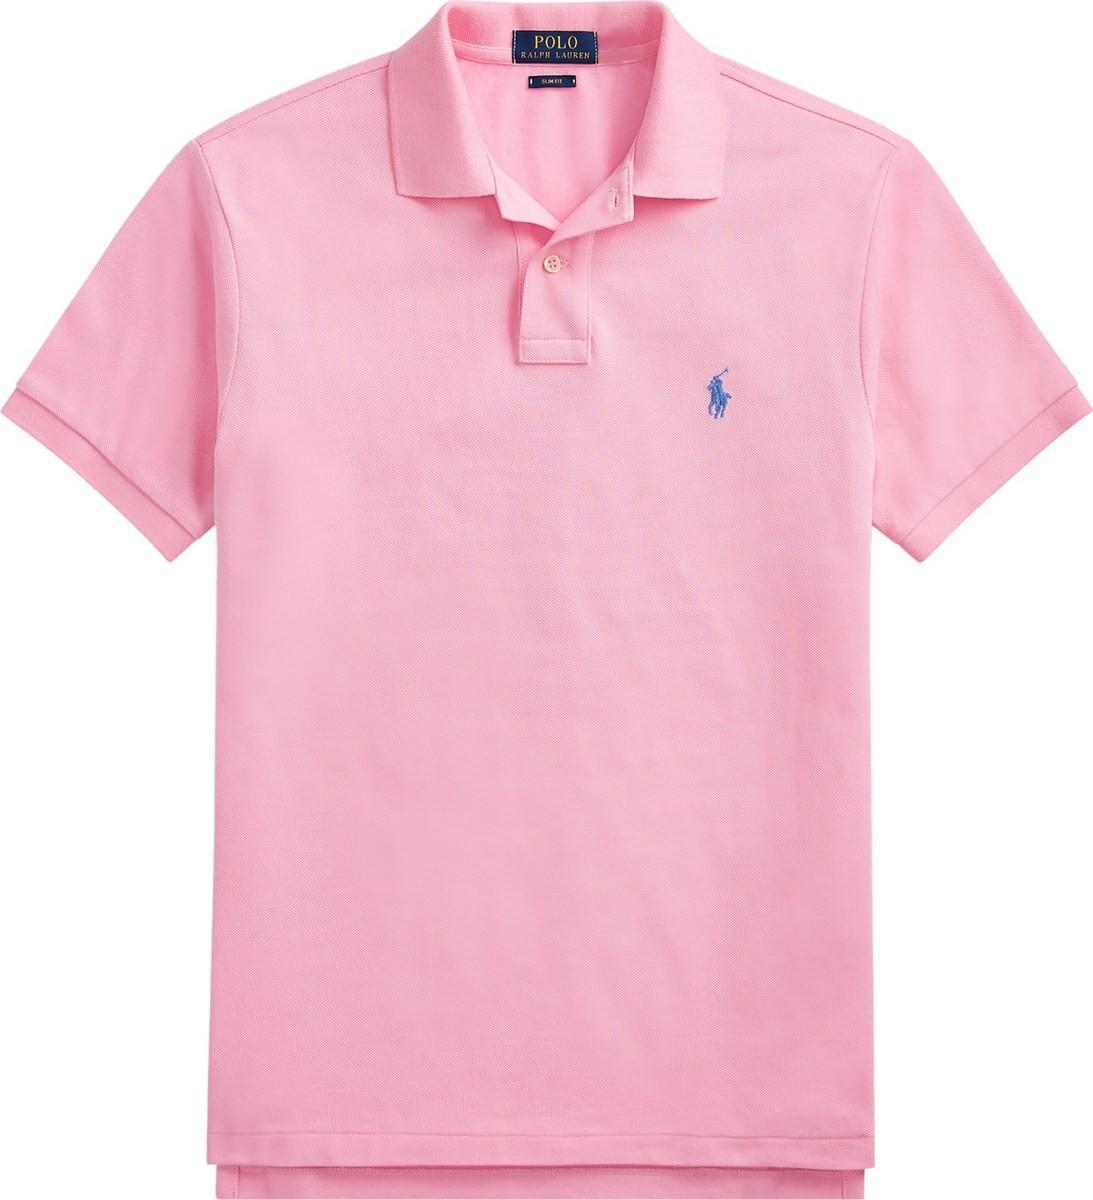 51f14baac3bdb fit slim - Ανδρικές Μπλούζες Polo Ralph Lauren (Σελίδα 2)